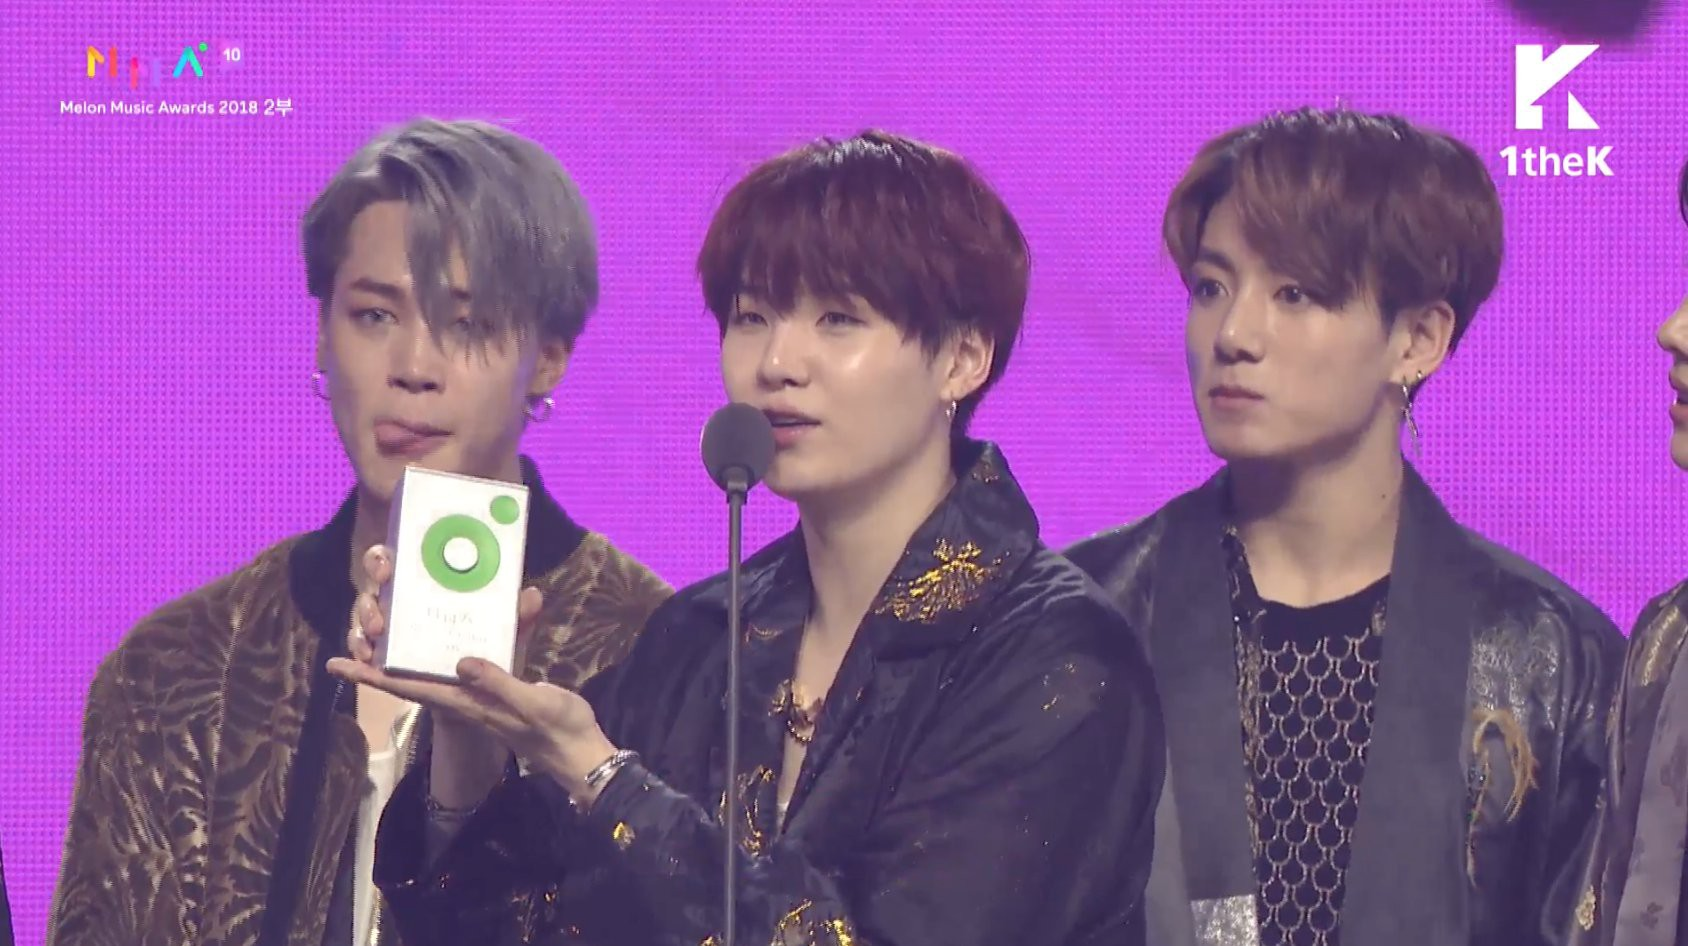 """MelOn Music Awards 2018: B.I mếu máo, đi không nổi khi iKON thắng Daesang, BTS """"ẵm"""" Daesang """"kép"""" - Ảnh 5."""